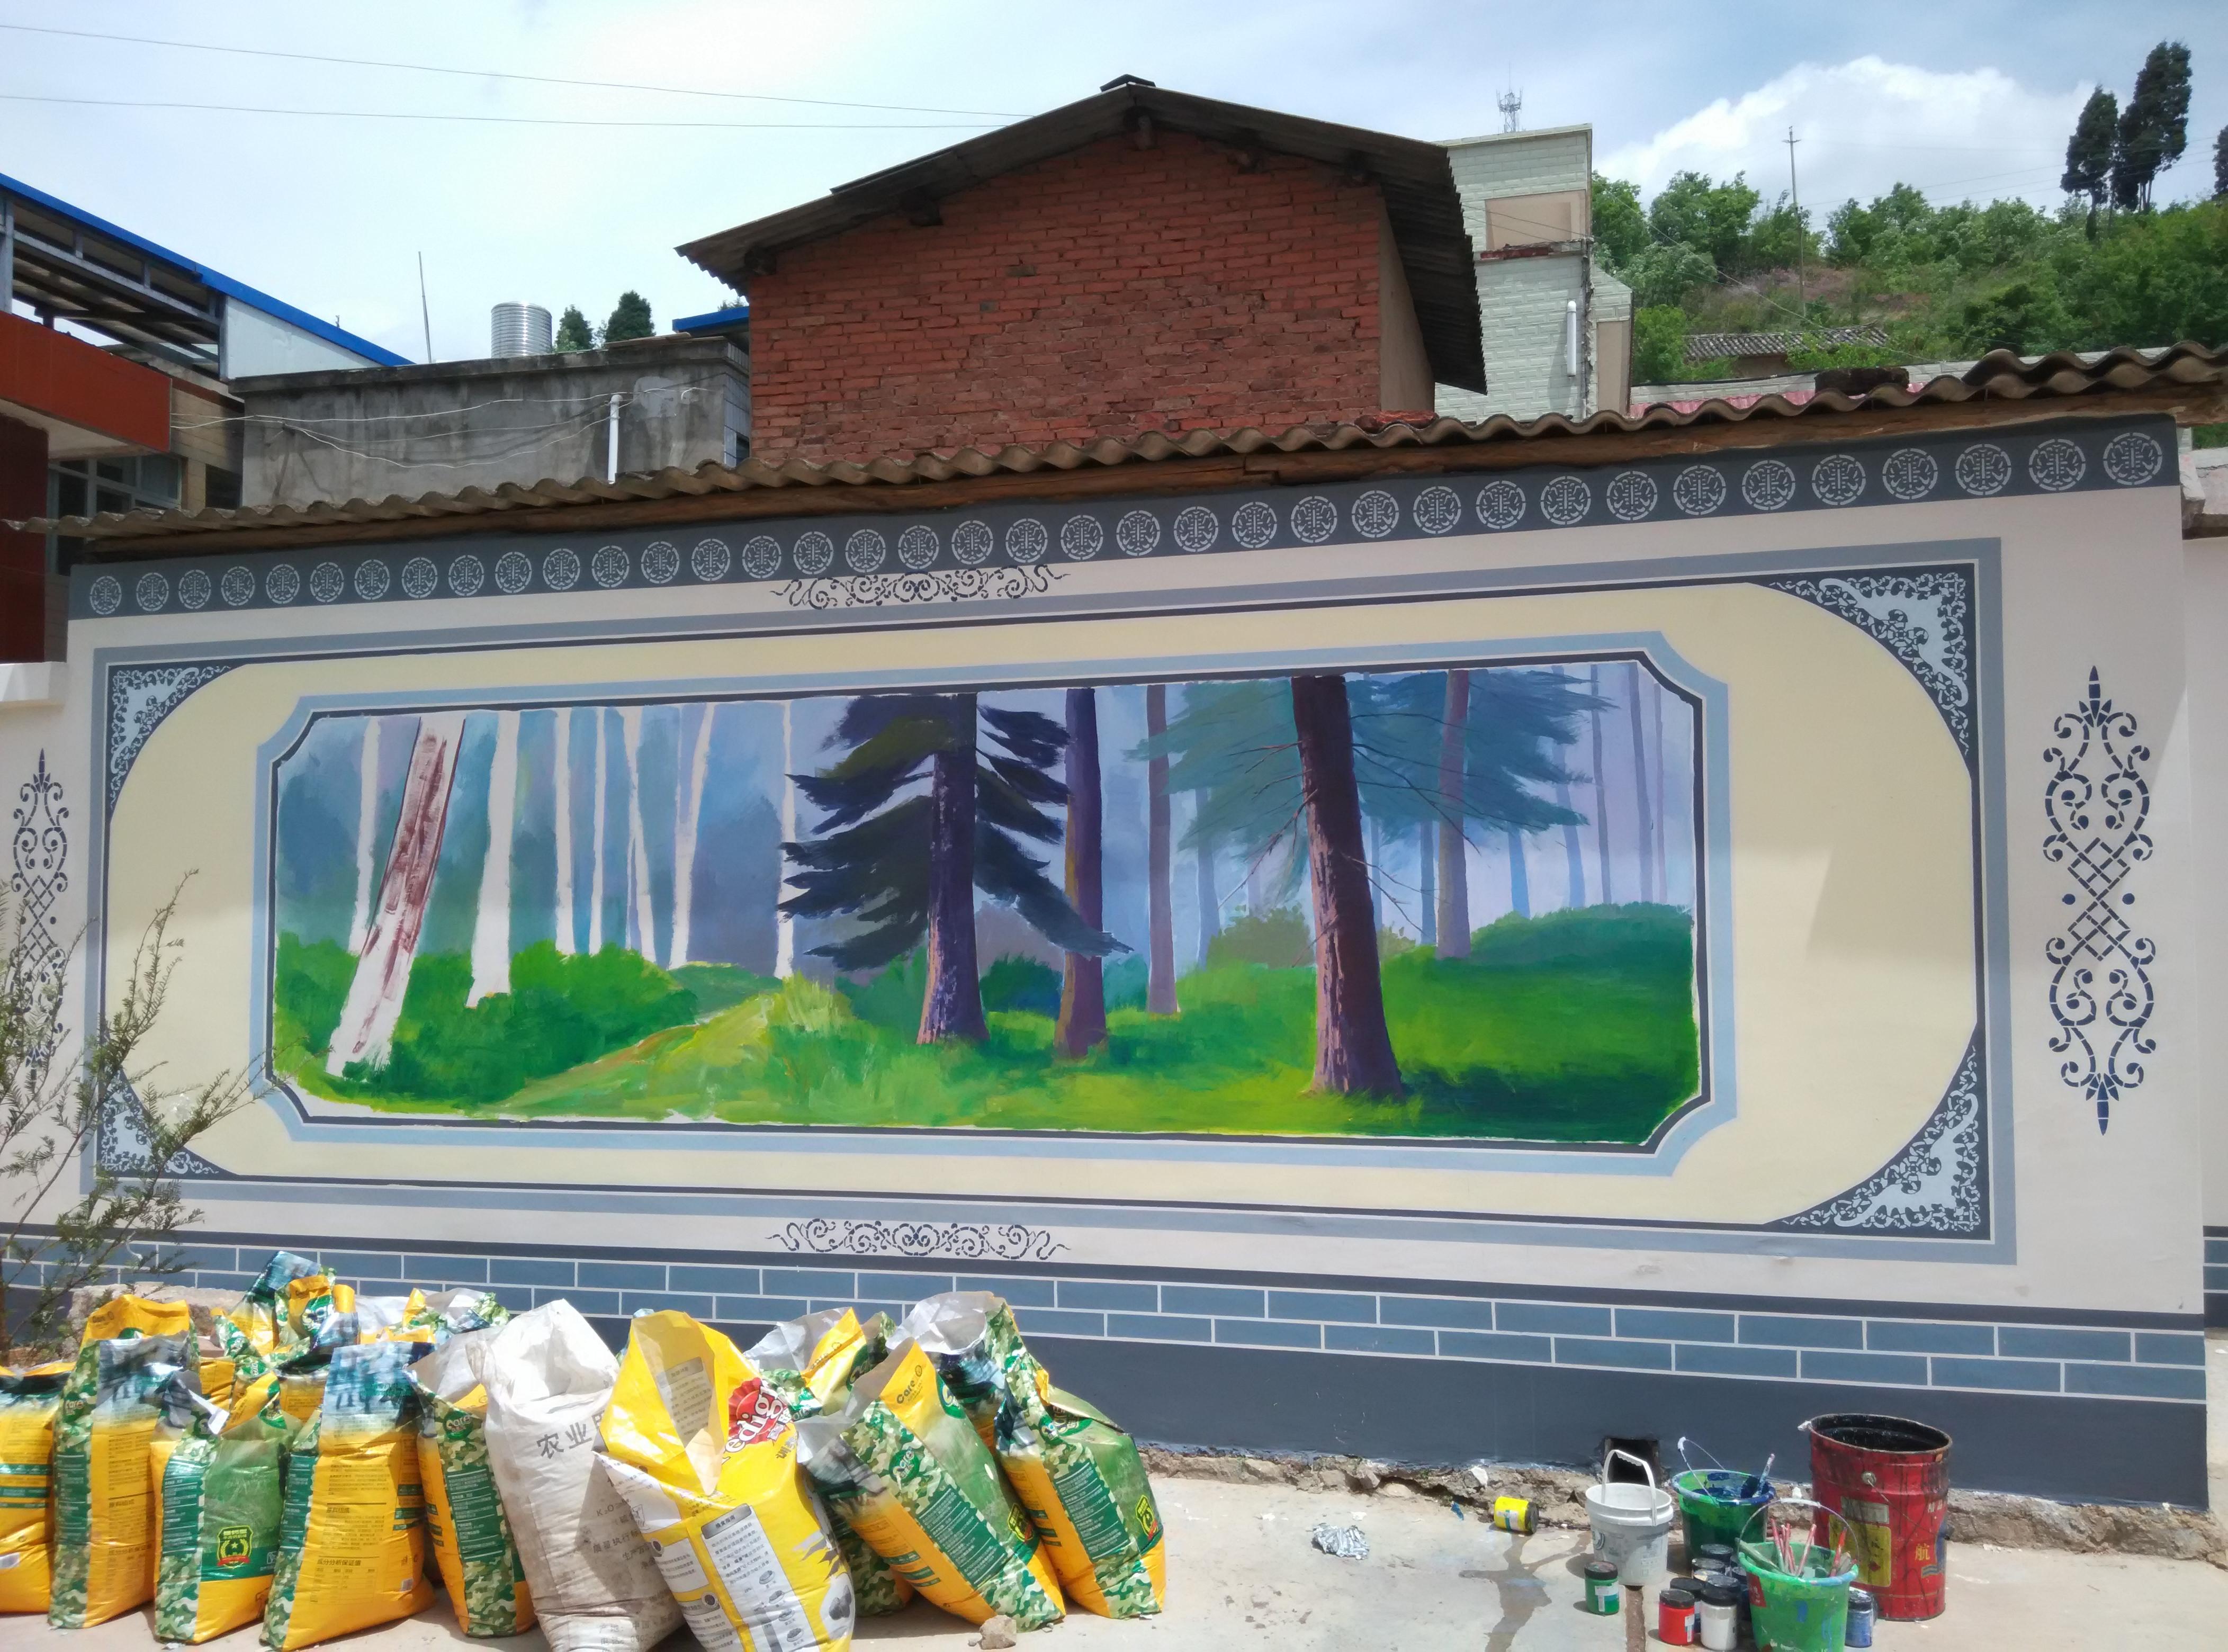 建设墙体彩绘手绘壁画墙画设计制作公司锦泰彩绘昆明美丽乡村建设彩绘